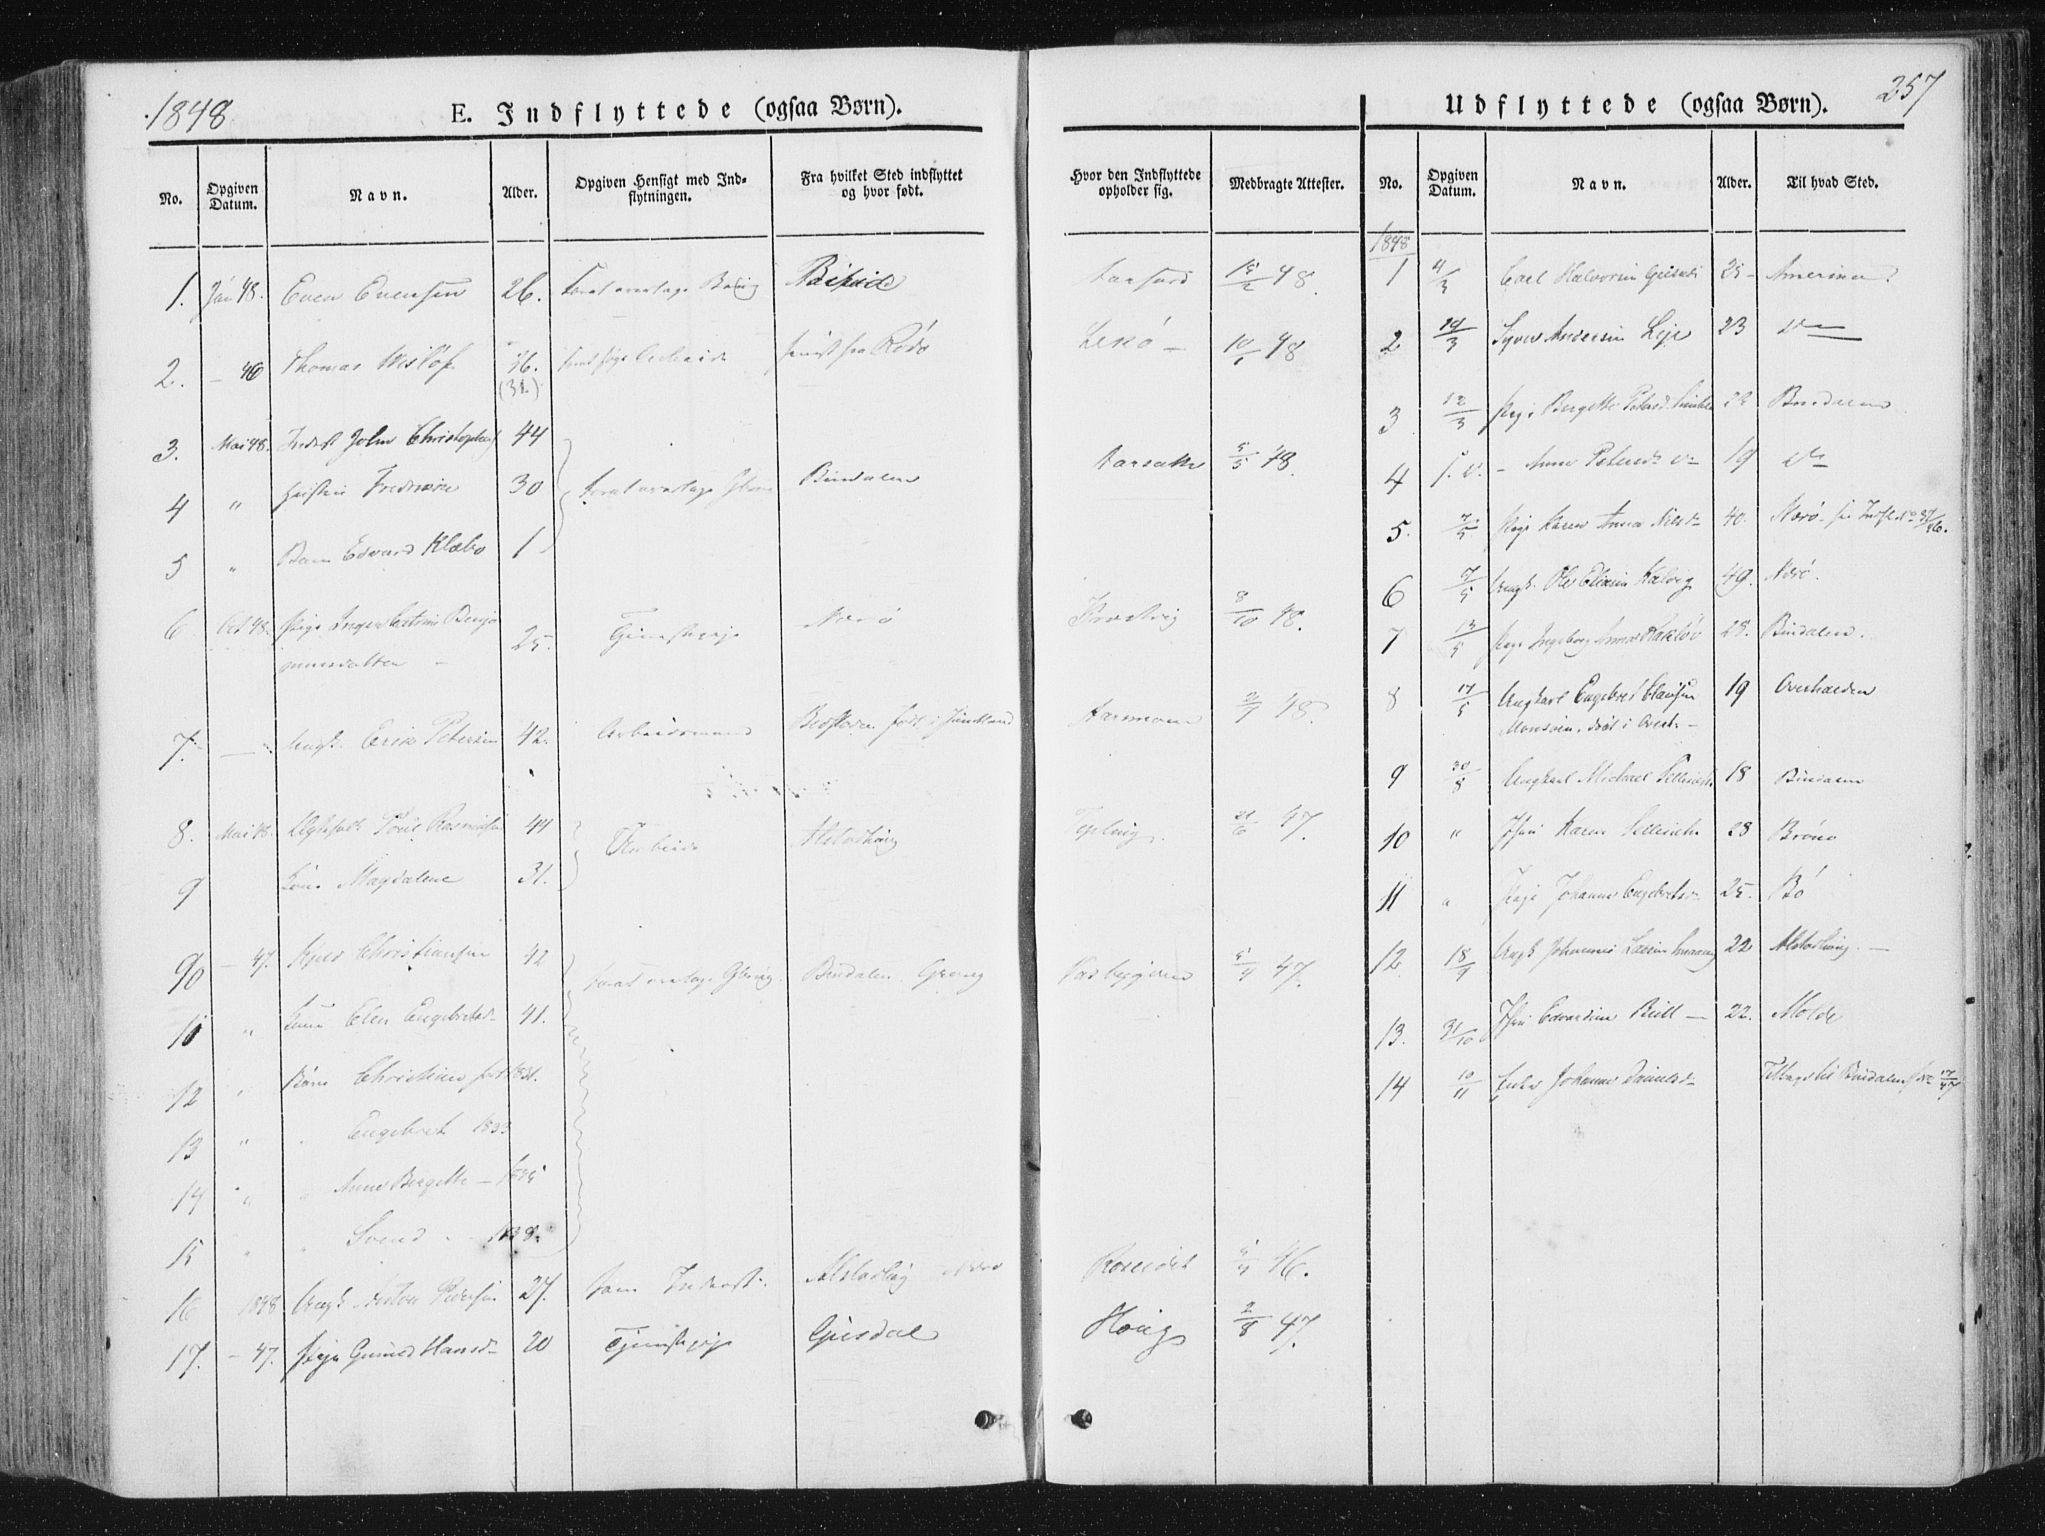 SAT, Ministerialprotokoller, klokkerbøker og fødselsregistre - Nord-Trøndelag, 780/L0640: Ministerialbok nr. 780A05, 1845-1856, s. 257